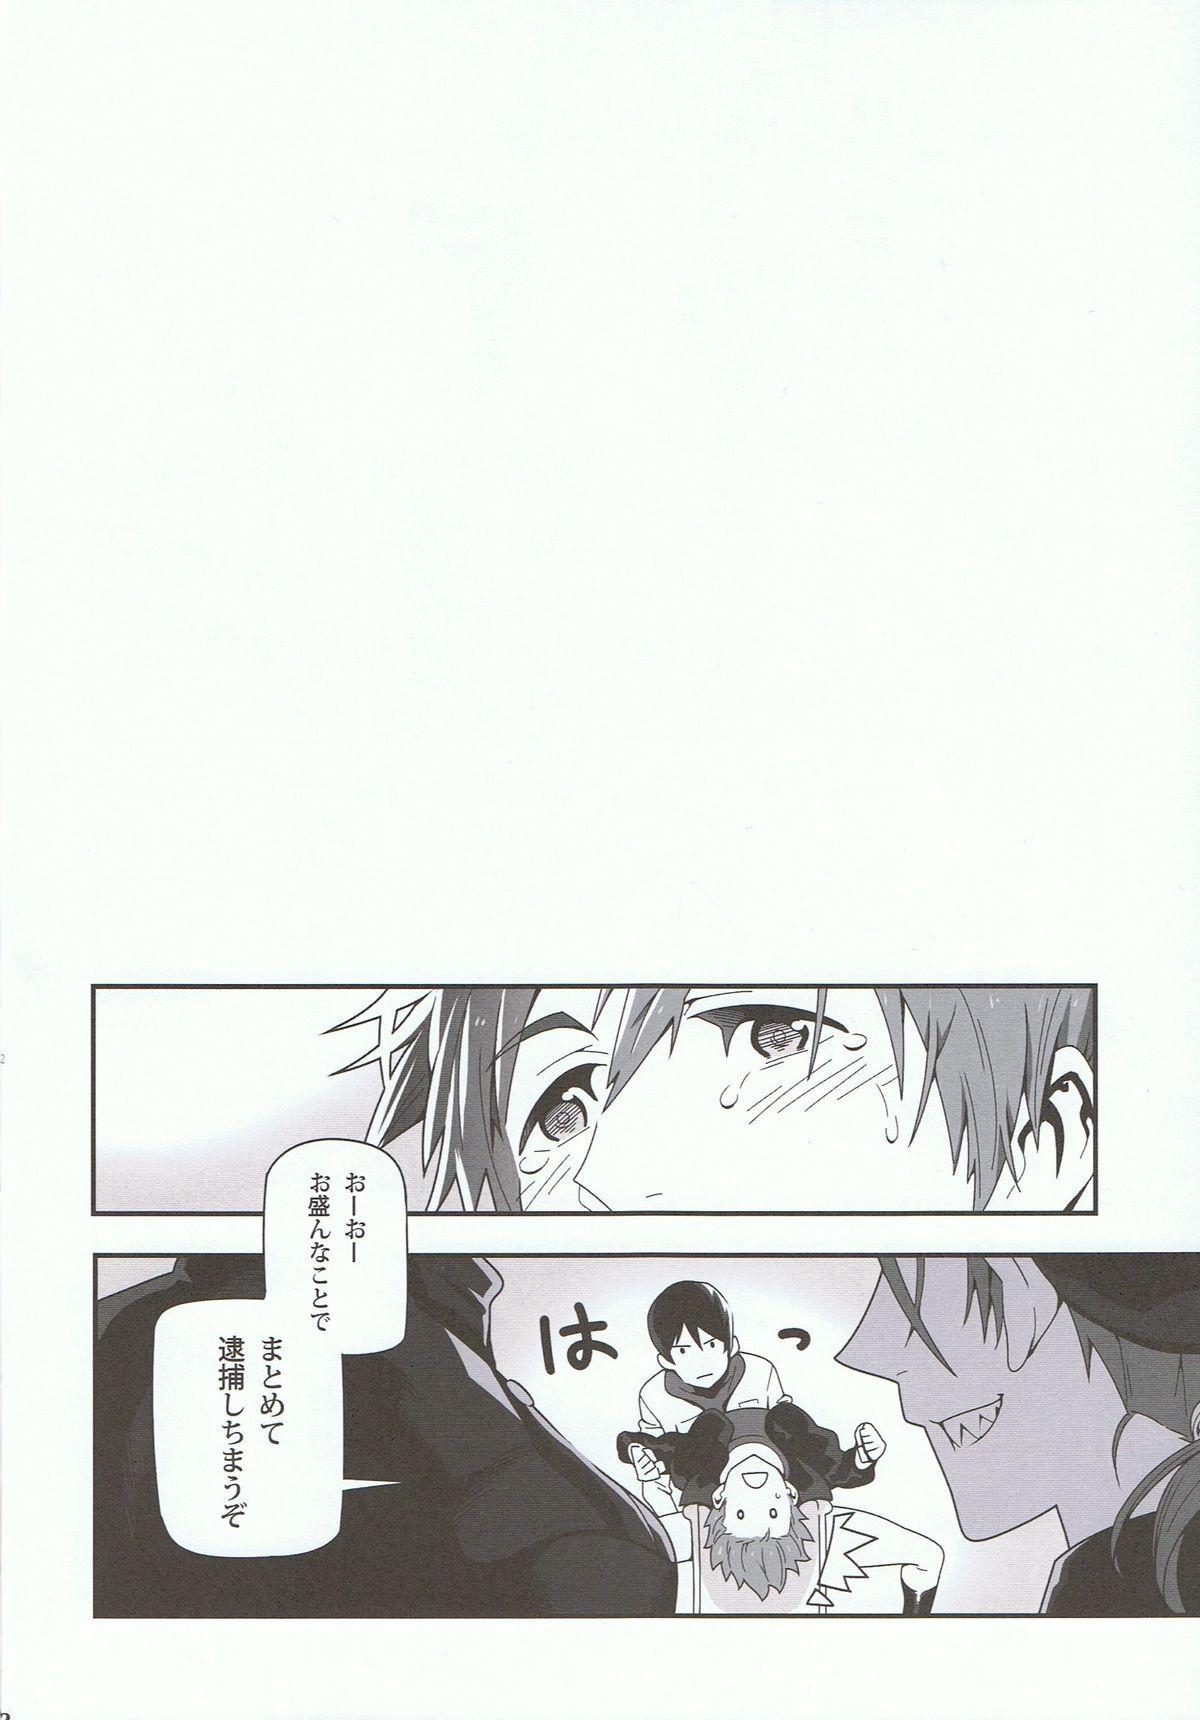 Minamo ni Utsuru 11